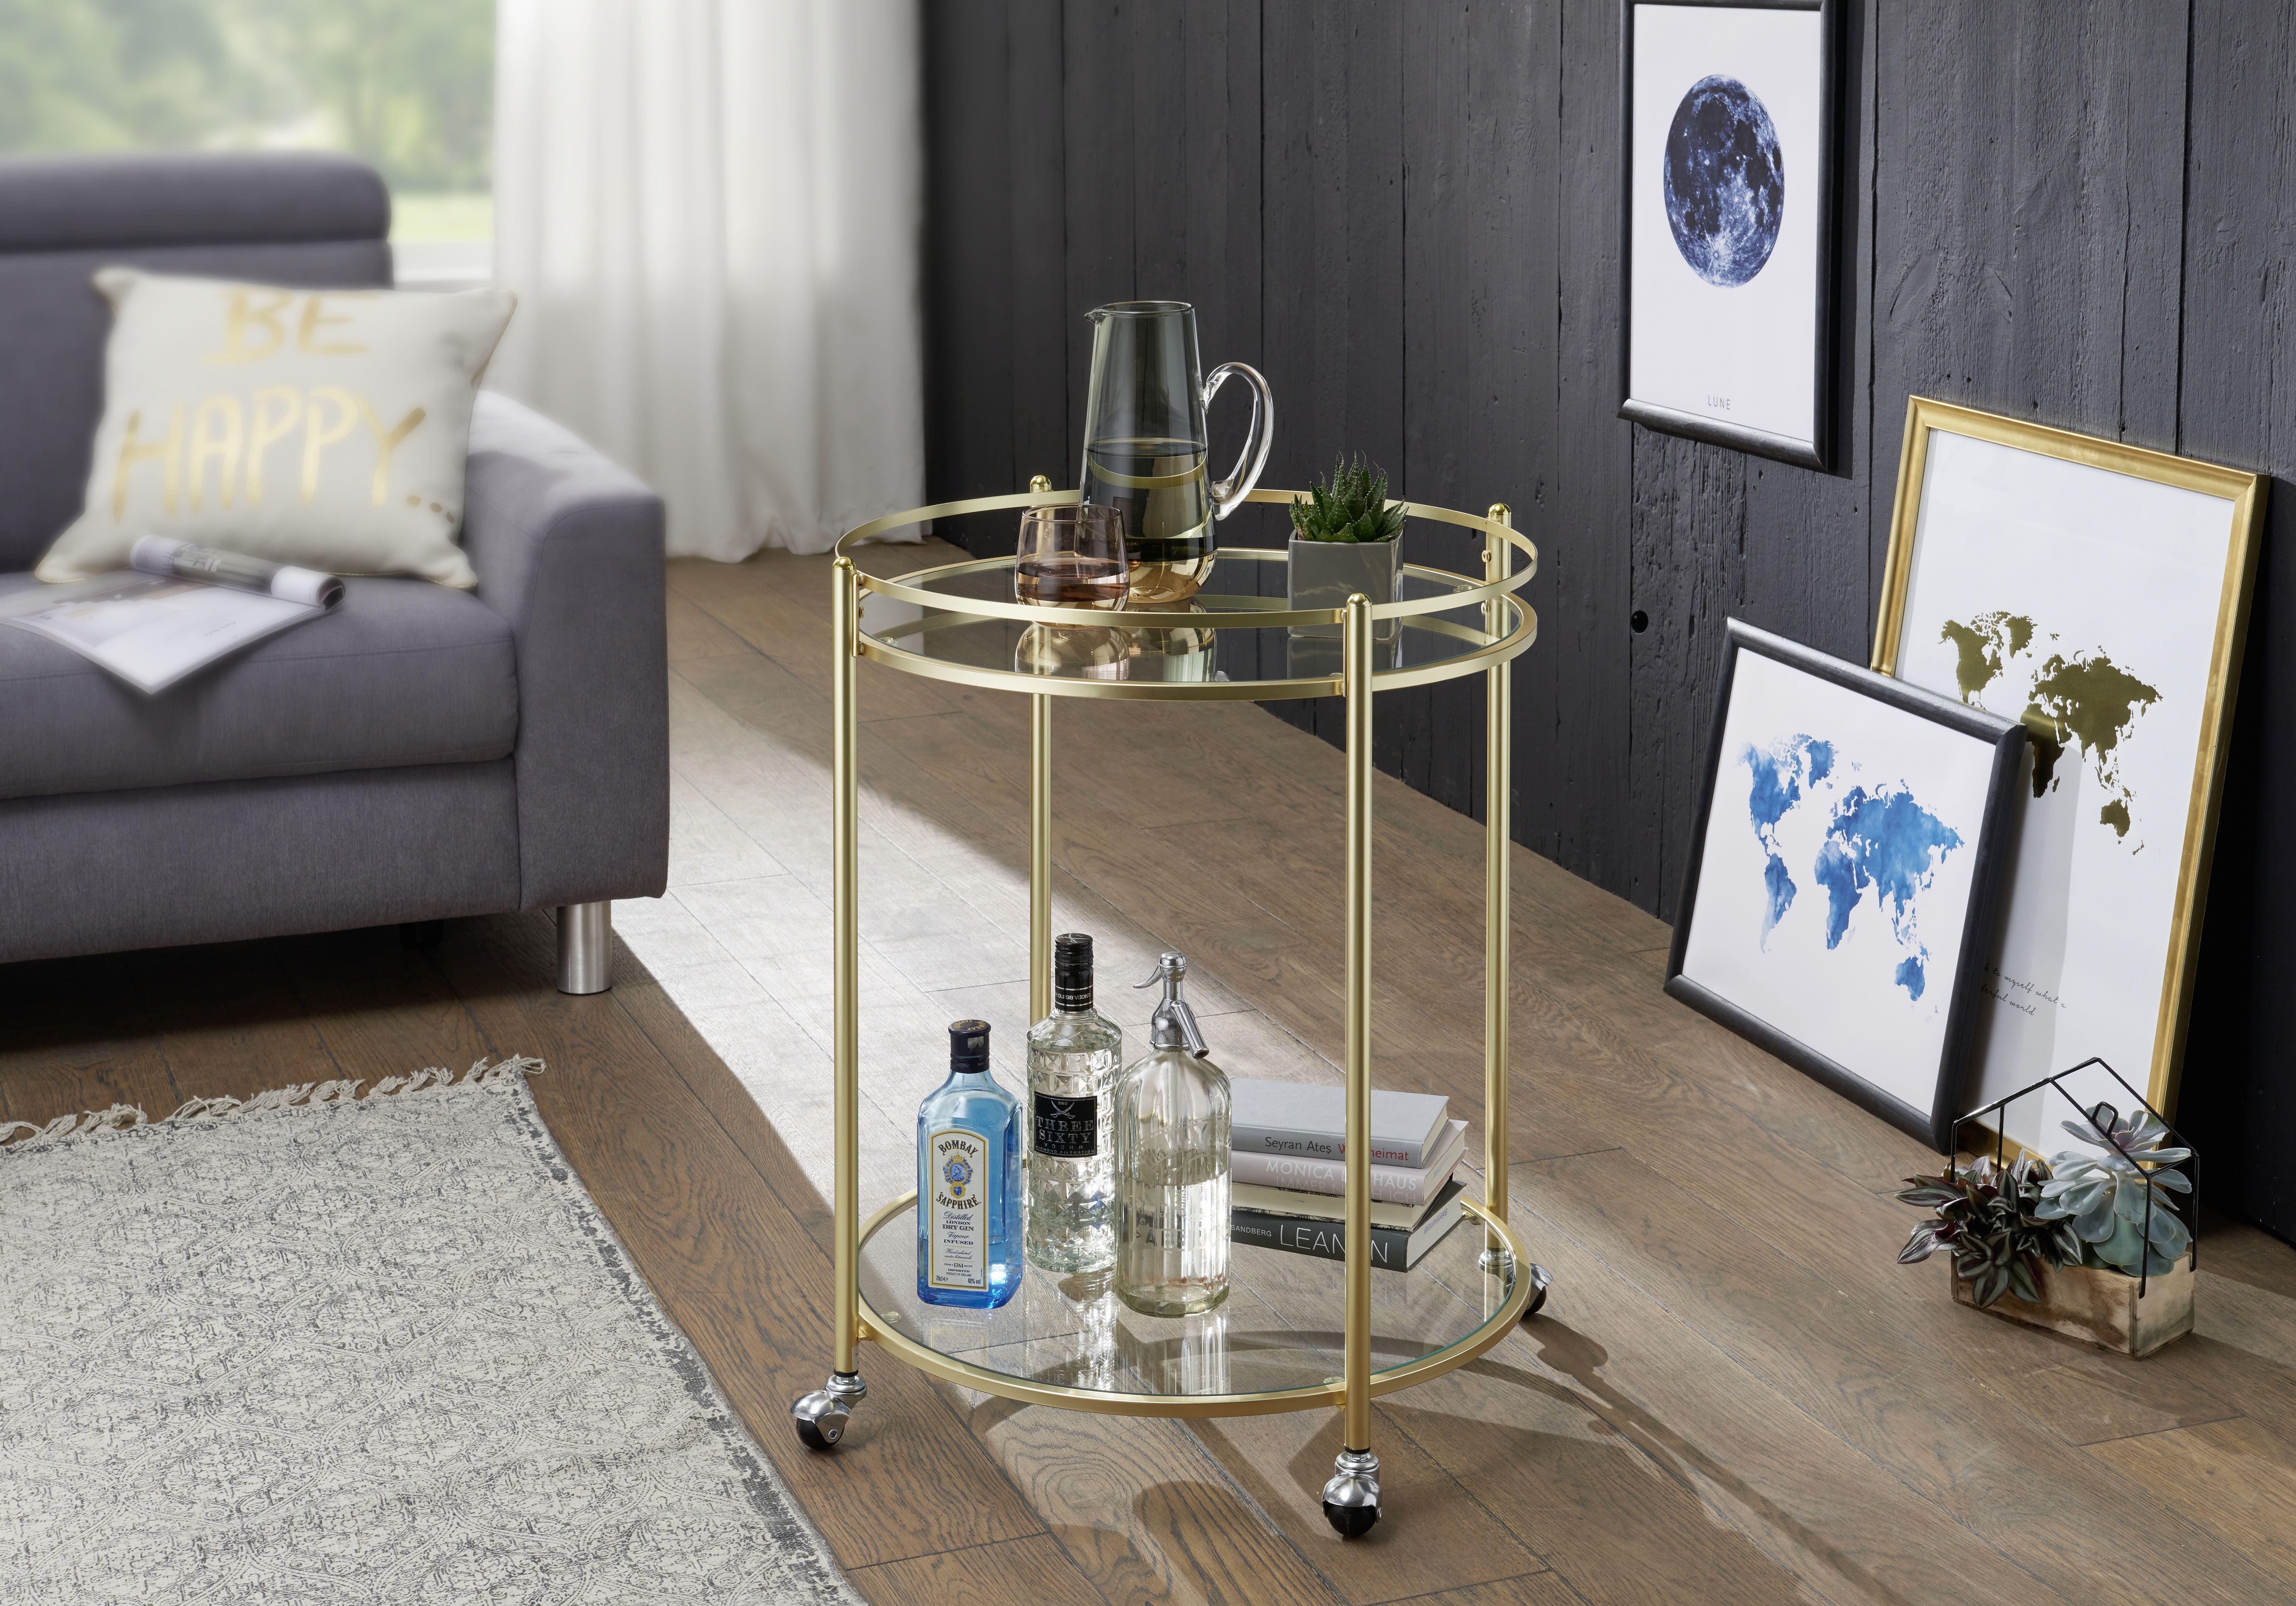 Wohnling Servierwagen James Wl5 792 Aus Glas Mit Gold Gestell Wohnzimmer Gold Glas Modern Design Servierwagen Beistelltische Wohnzimmer Beistelltische